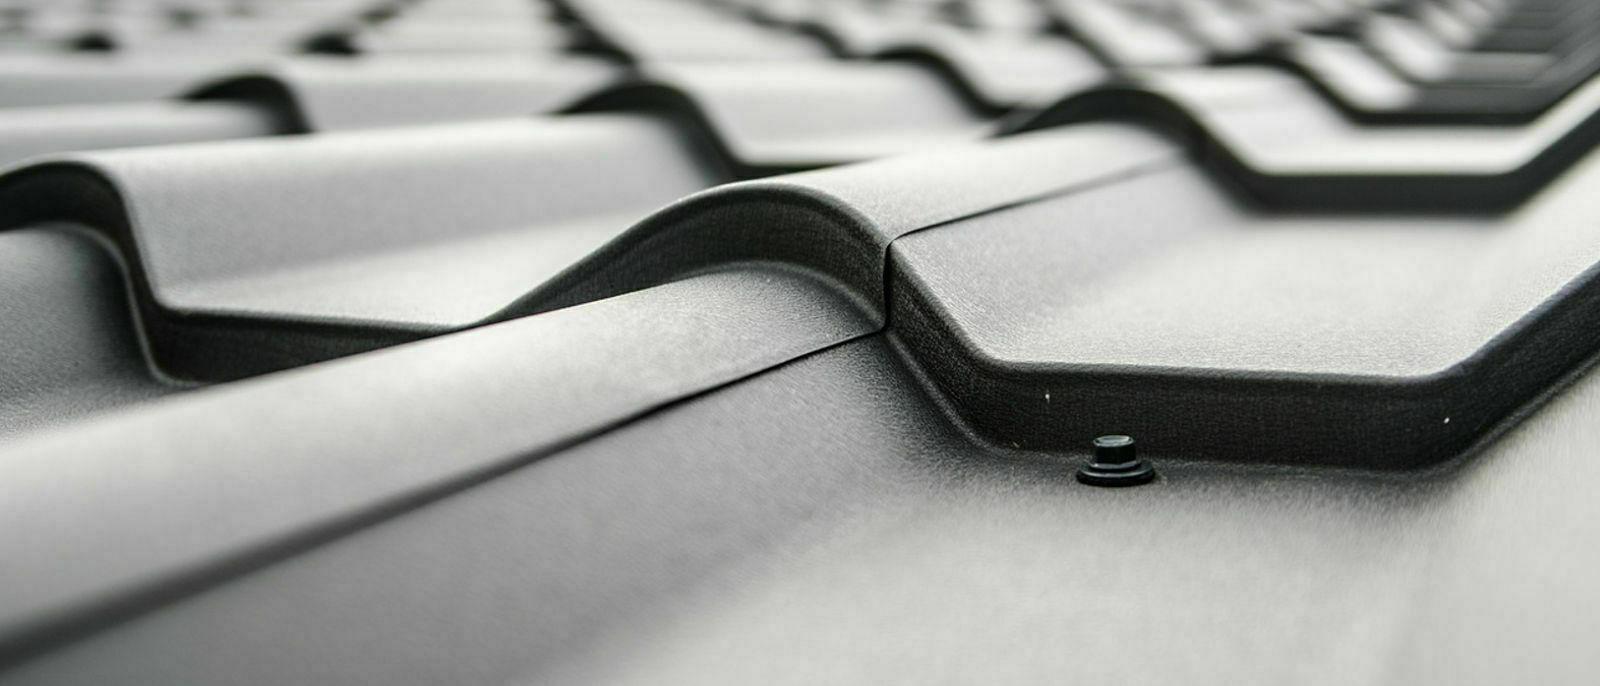 Hoeveel roofing?